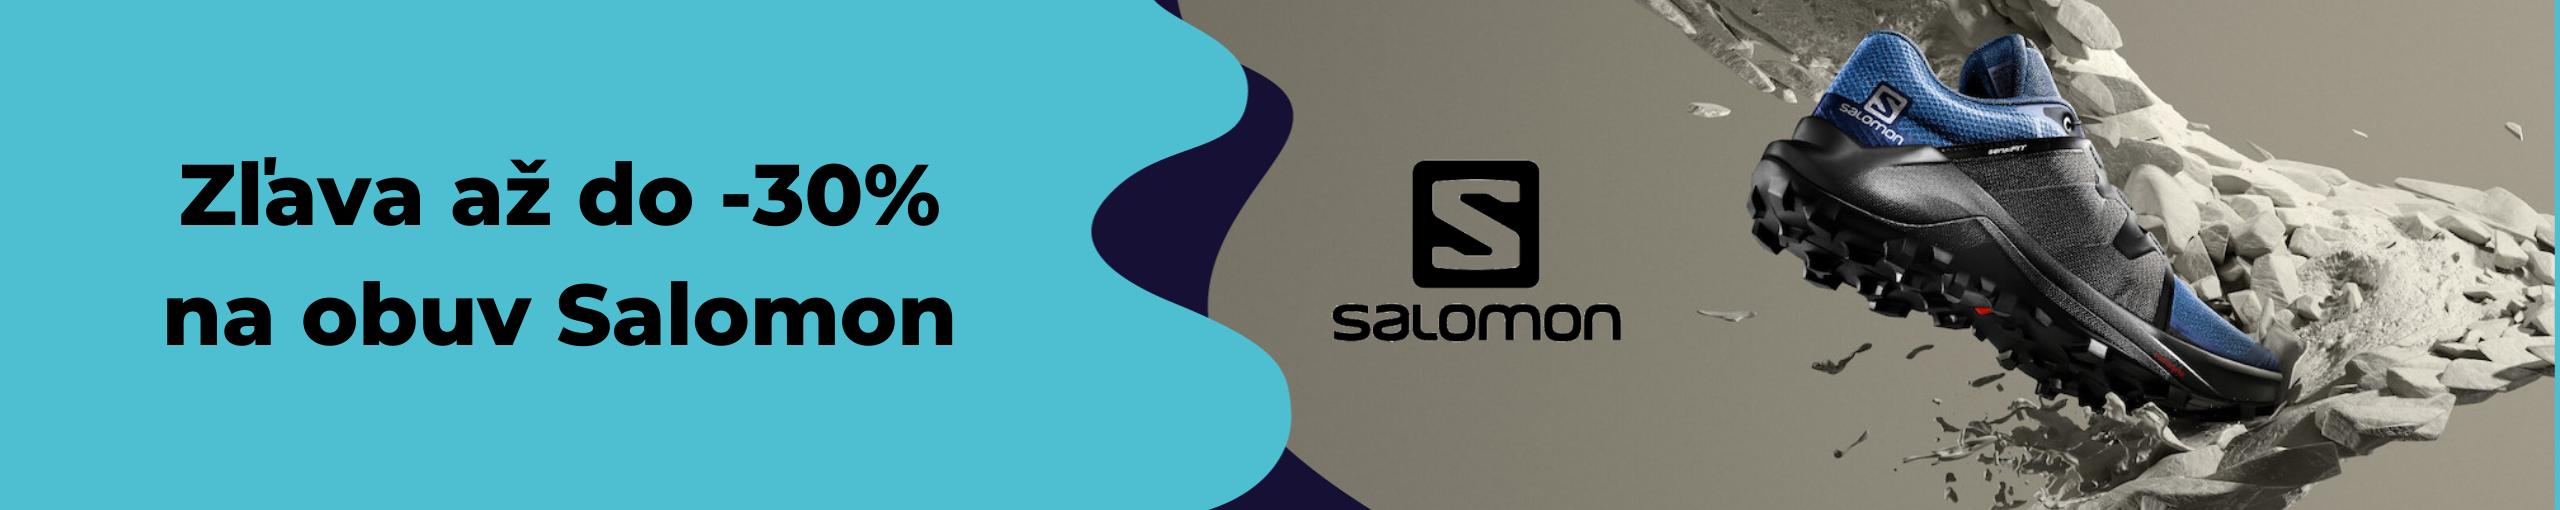 Výpredaj obuvi značky Salomon na Belda.sk